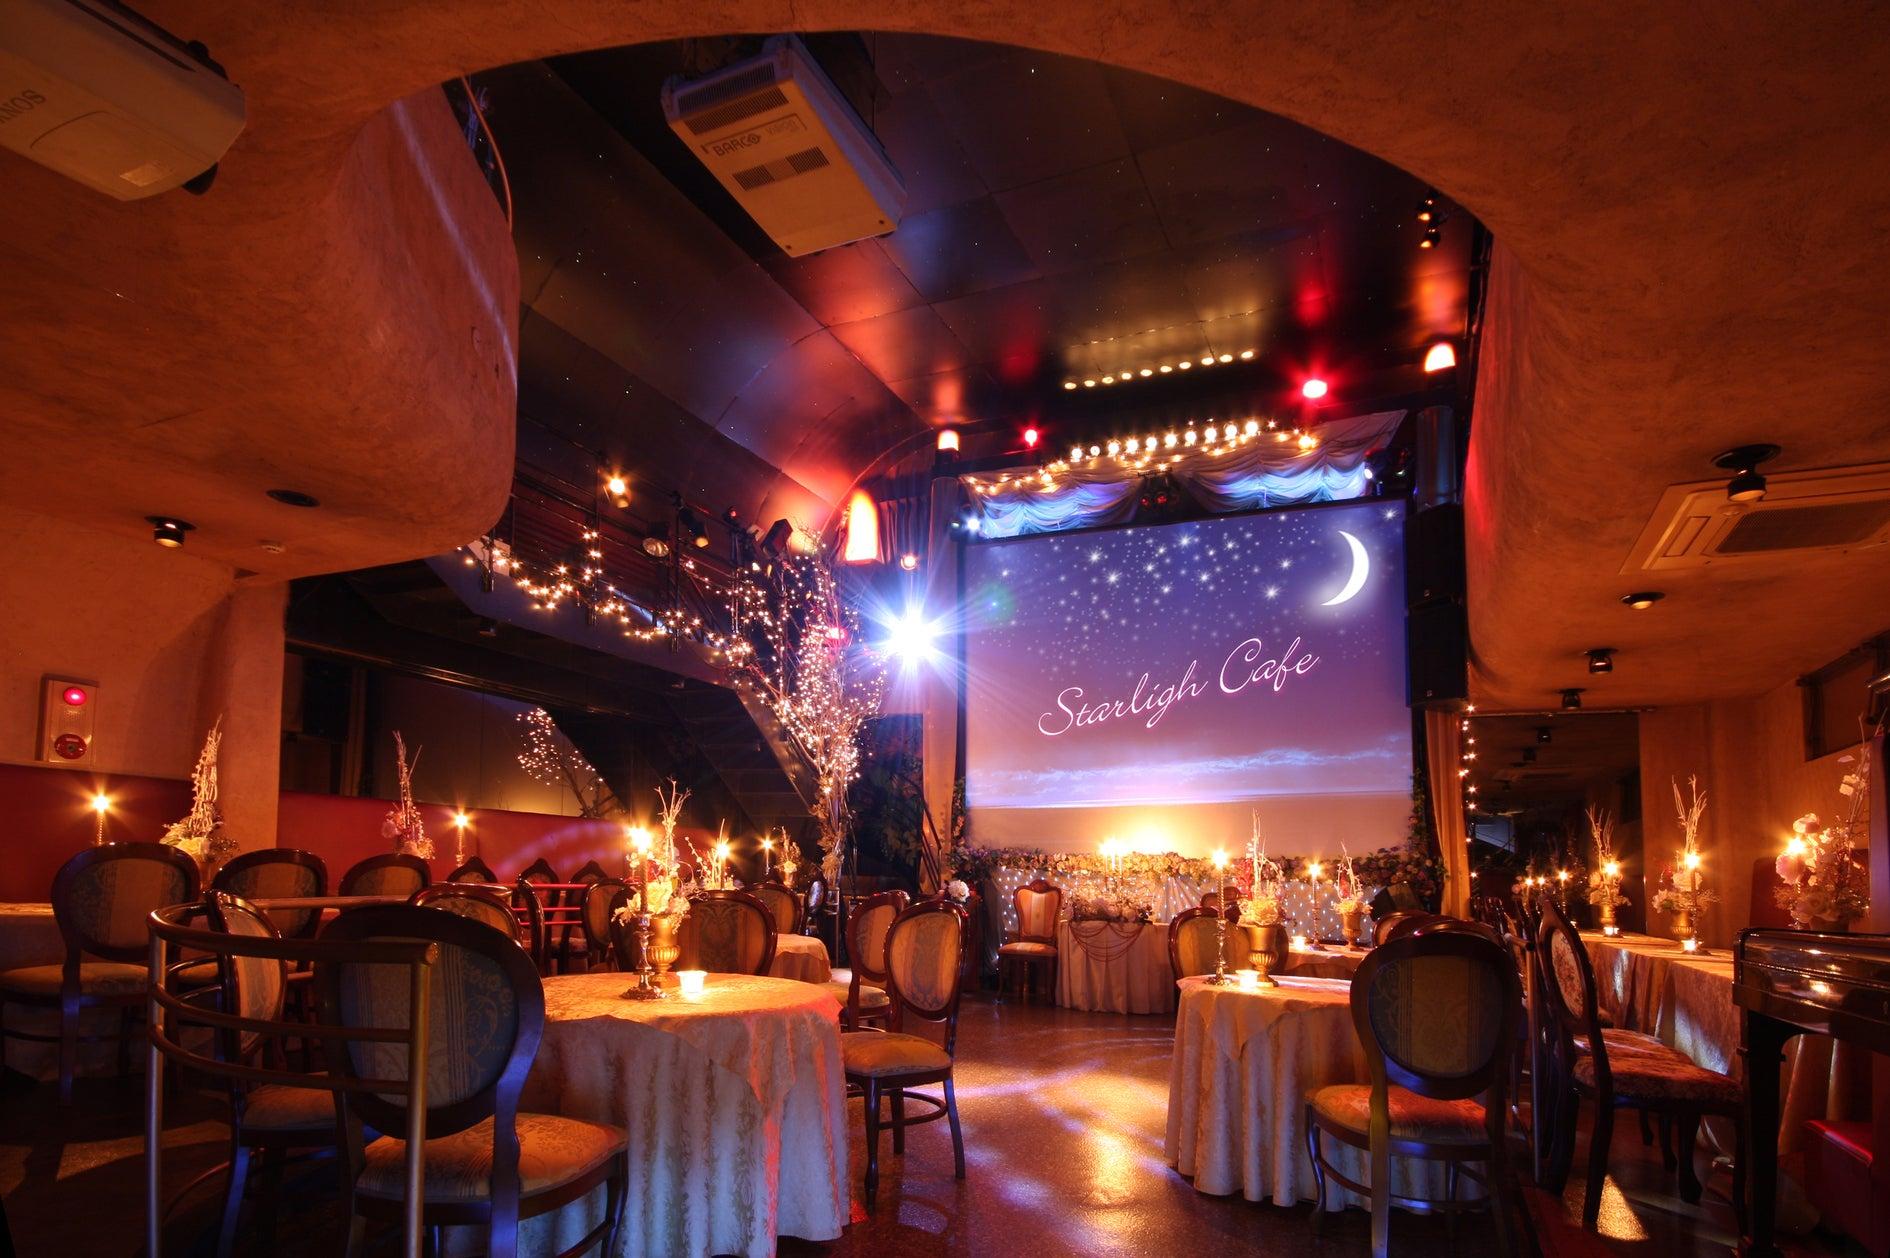 天空にはプラネタリュウムの星々が瞬き、オペラハウスを思わせる劇場空間は、 すべての世代の人々に、心地よさと一体感、感動と興奮、 そして、楽しさをもたらしてくれます。 ホテル・結婚式場のレベルを遙かに超える映像★音響★照明★演出装置そして、 それらを駆使する、ノウハウ・ソフトウエアがその秘密です。